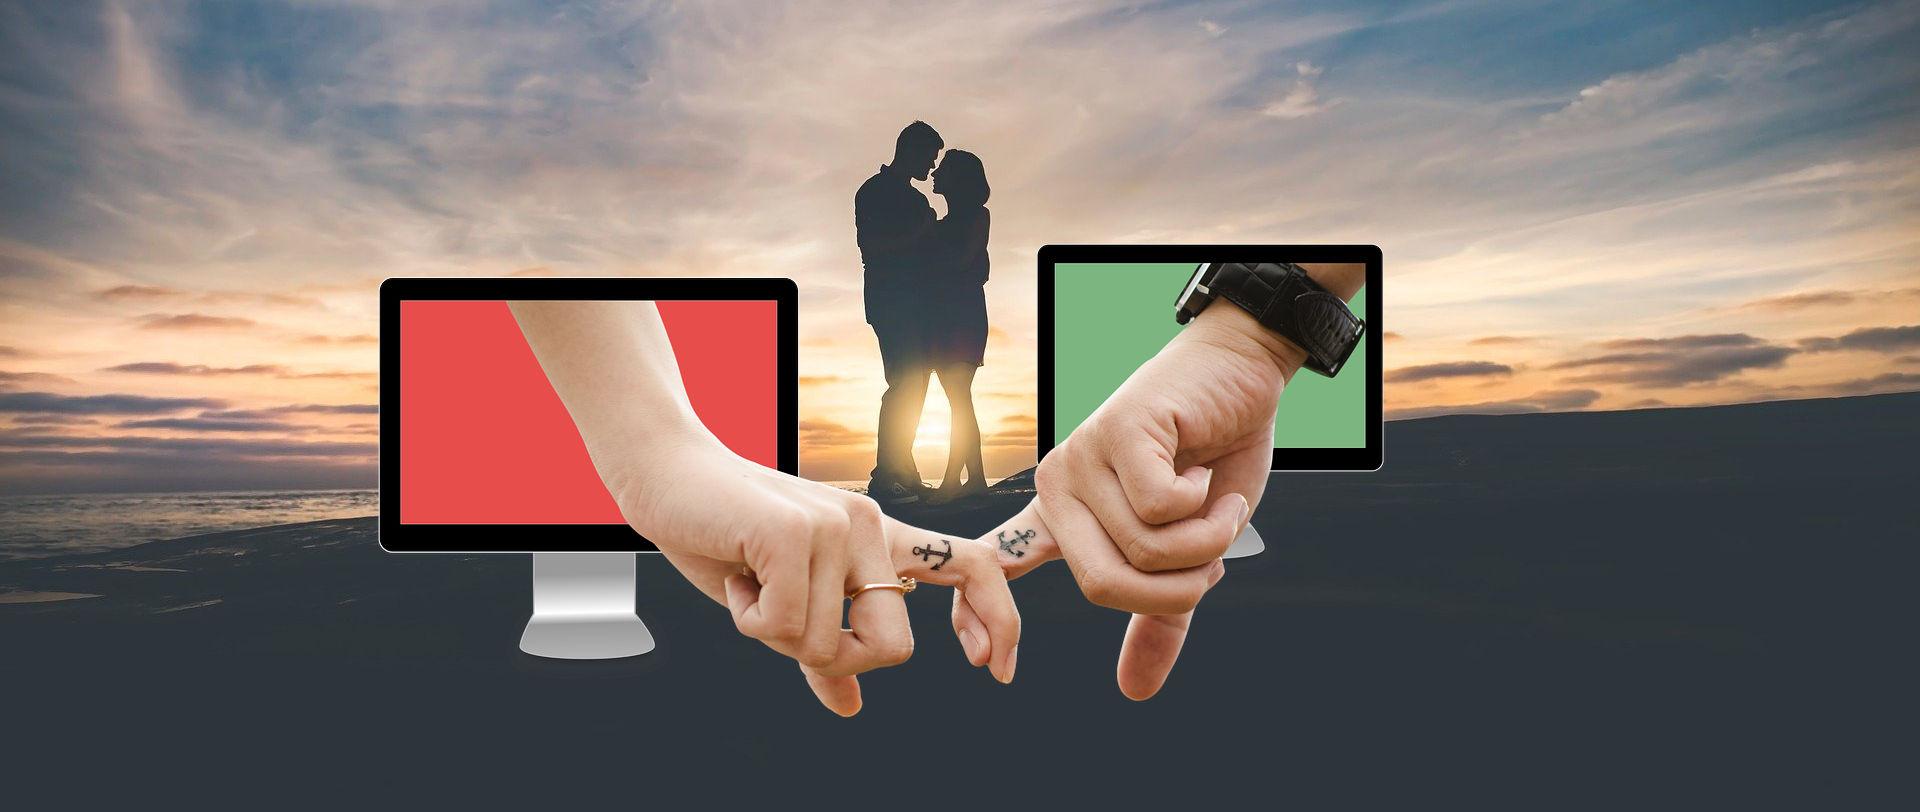 Unsere Ehevorbereitung jetzt auch online